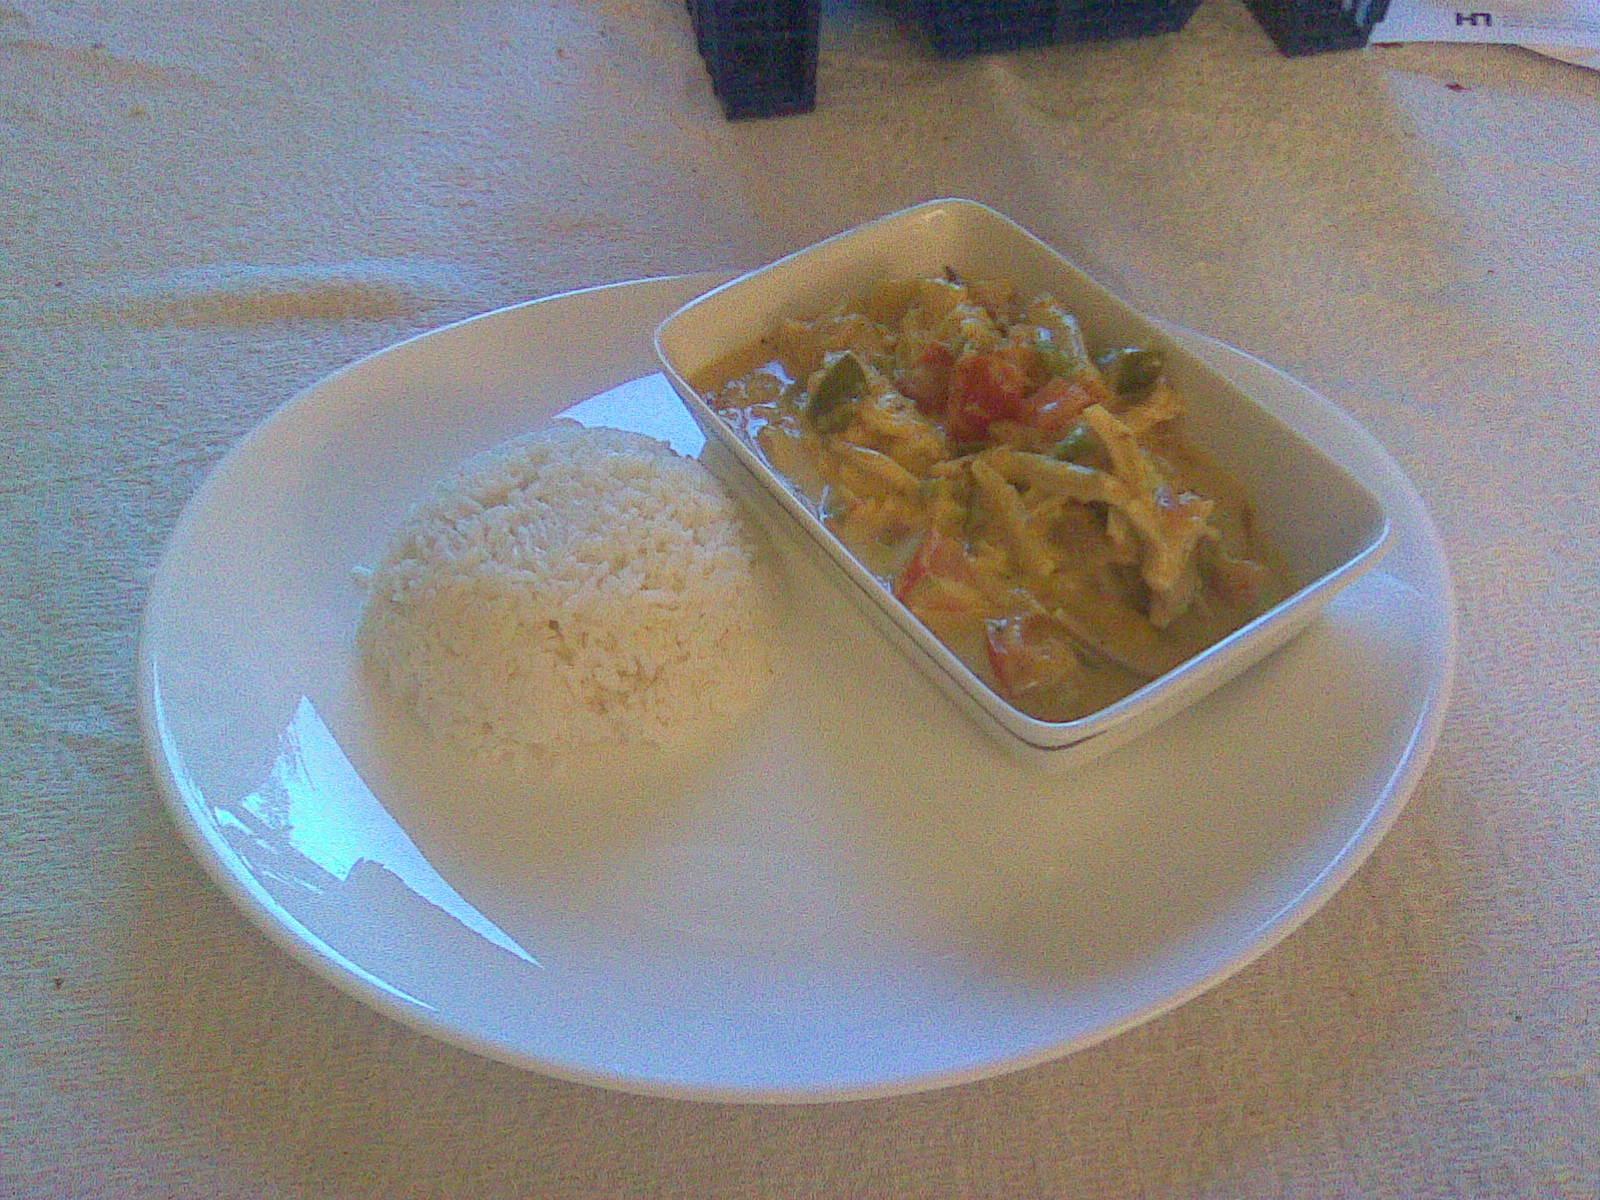 kyckling curry gryta gräddfil